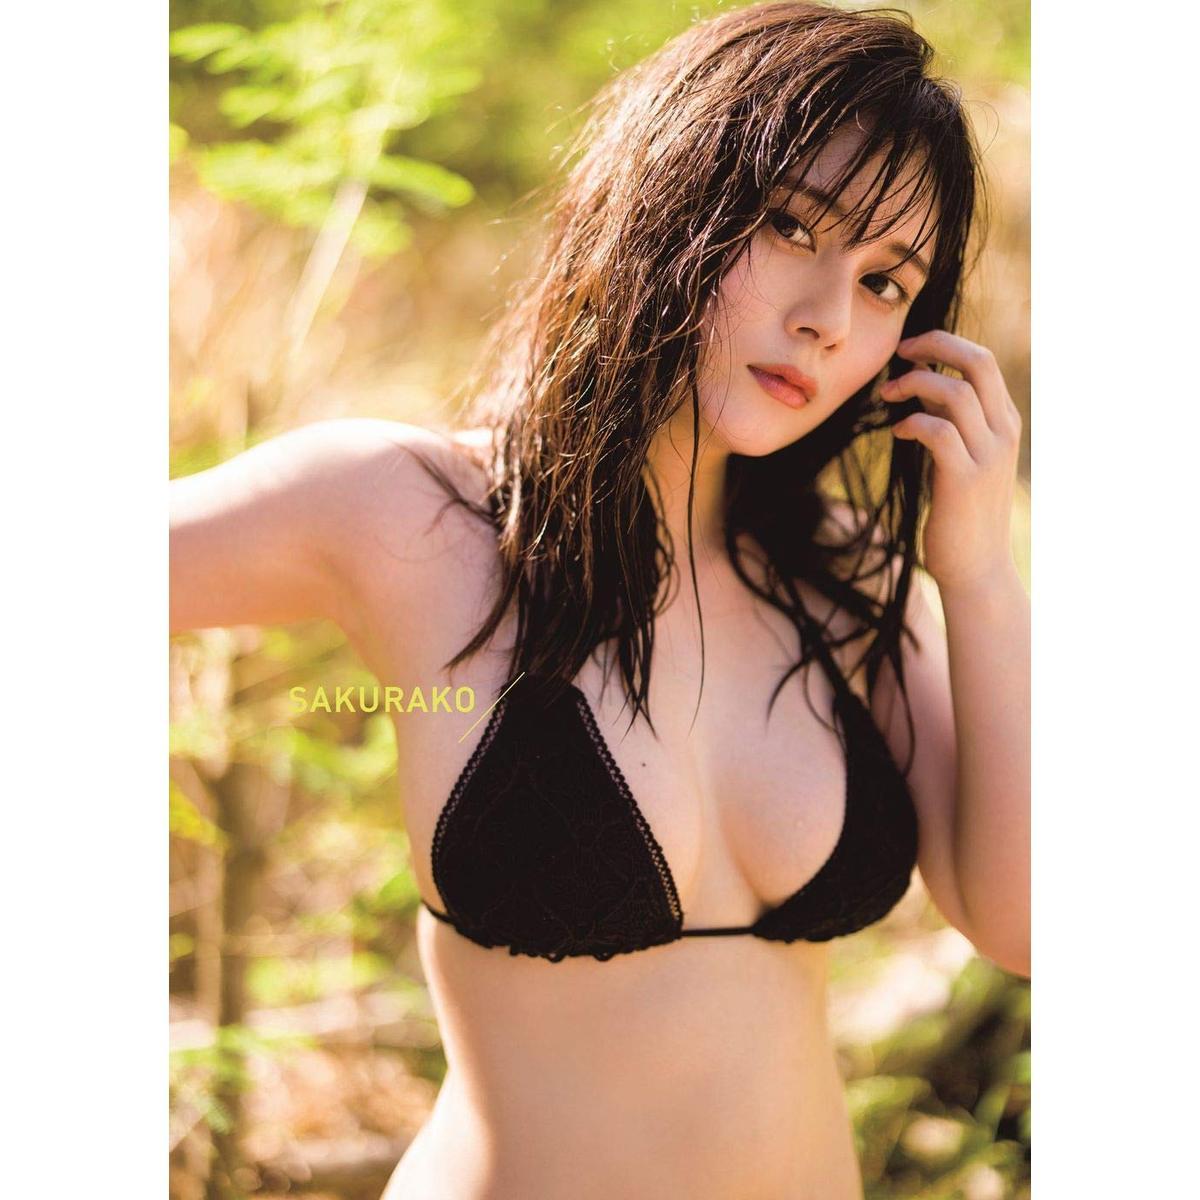 大久保桜子 ファースト写真集『SAKURAKO』(セブンネット限定特典:生写真1枚付き)のサンプル画像